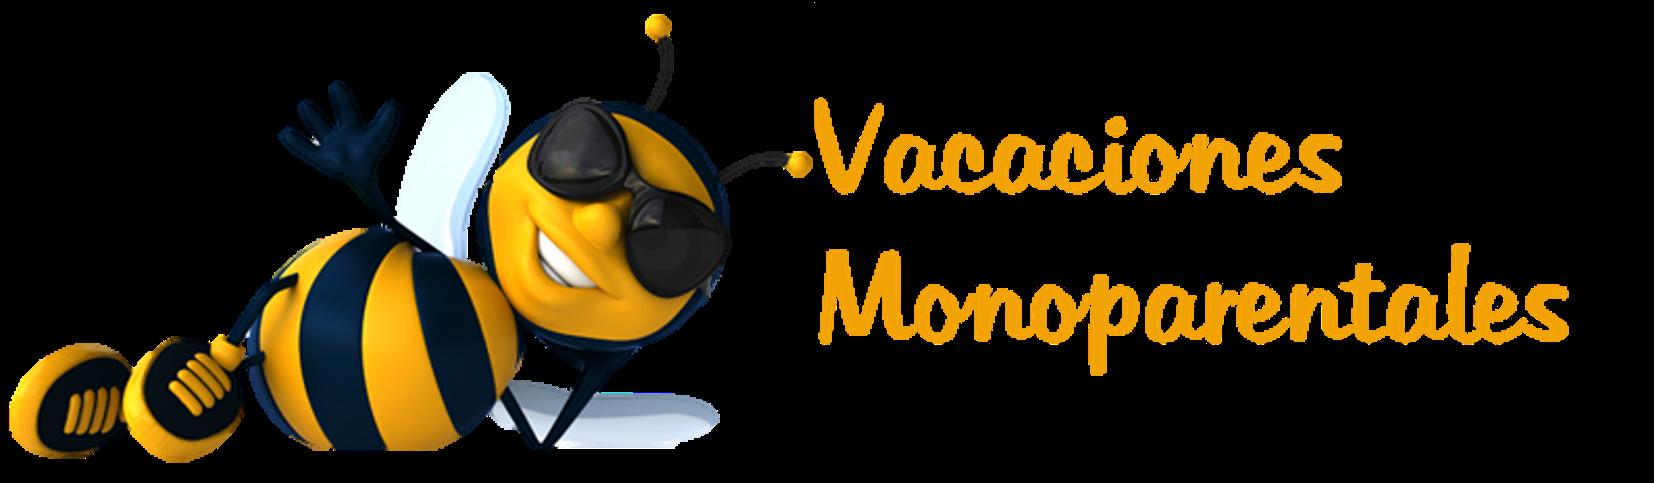 Vacaciones Monoparentales